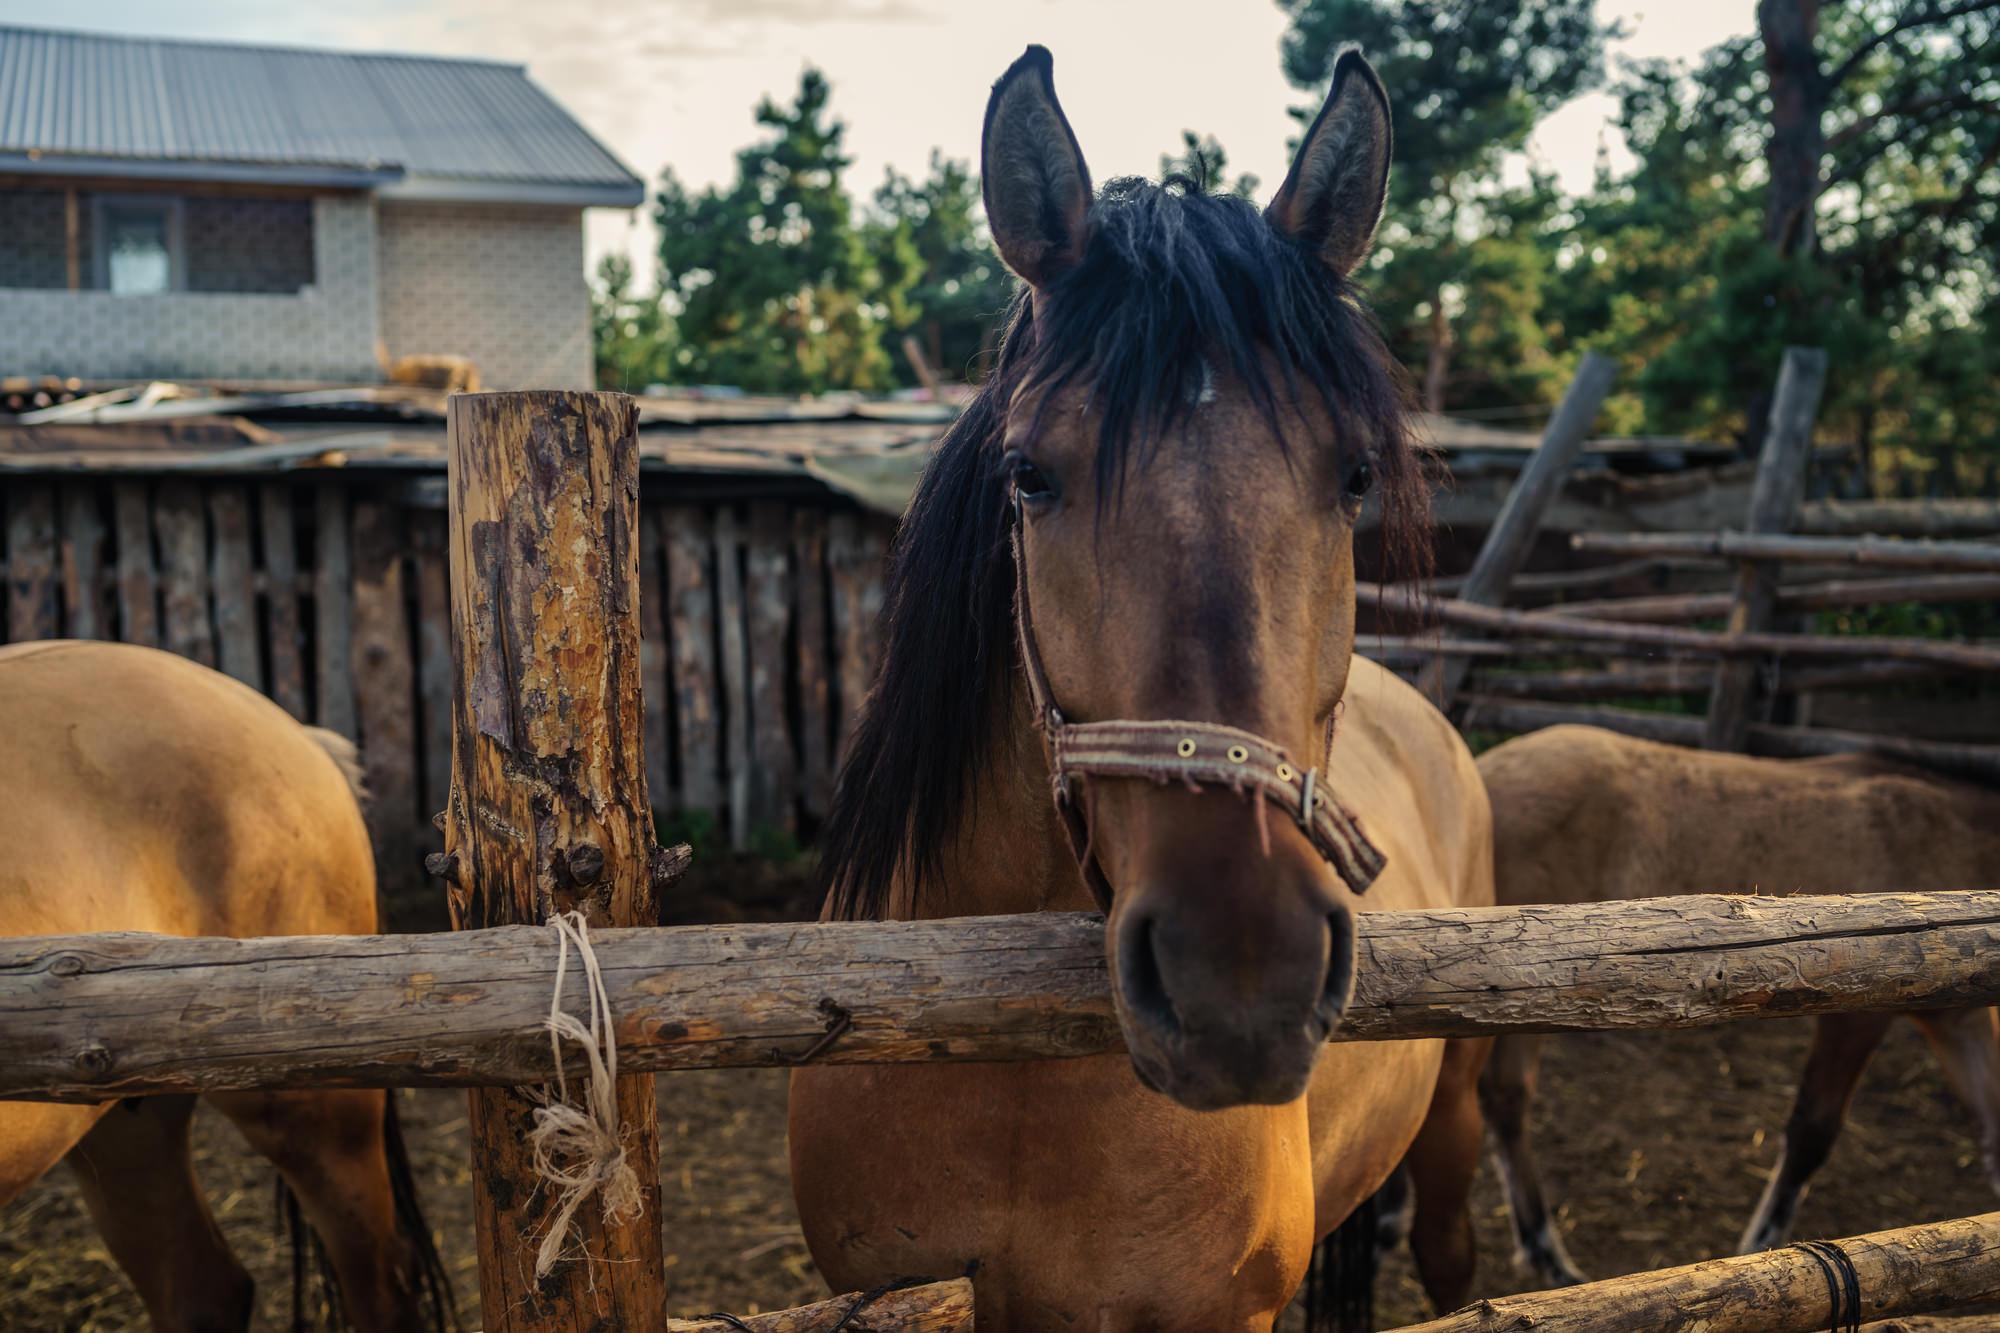 Как найти и поймать убежавшую лошадь?